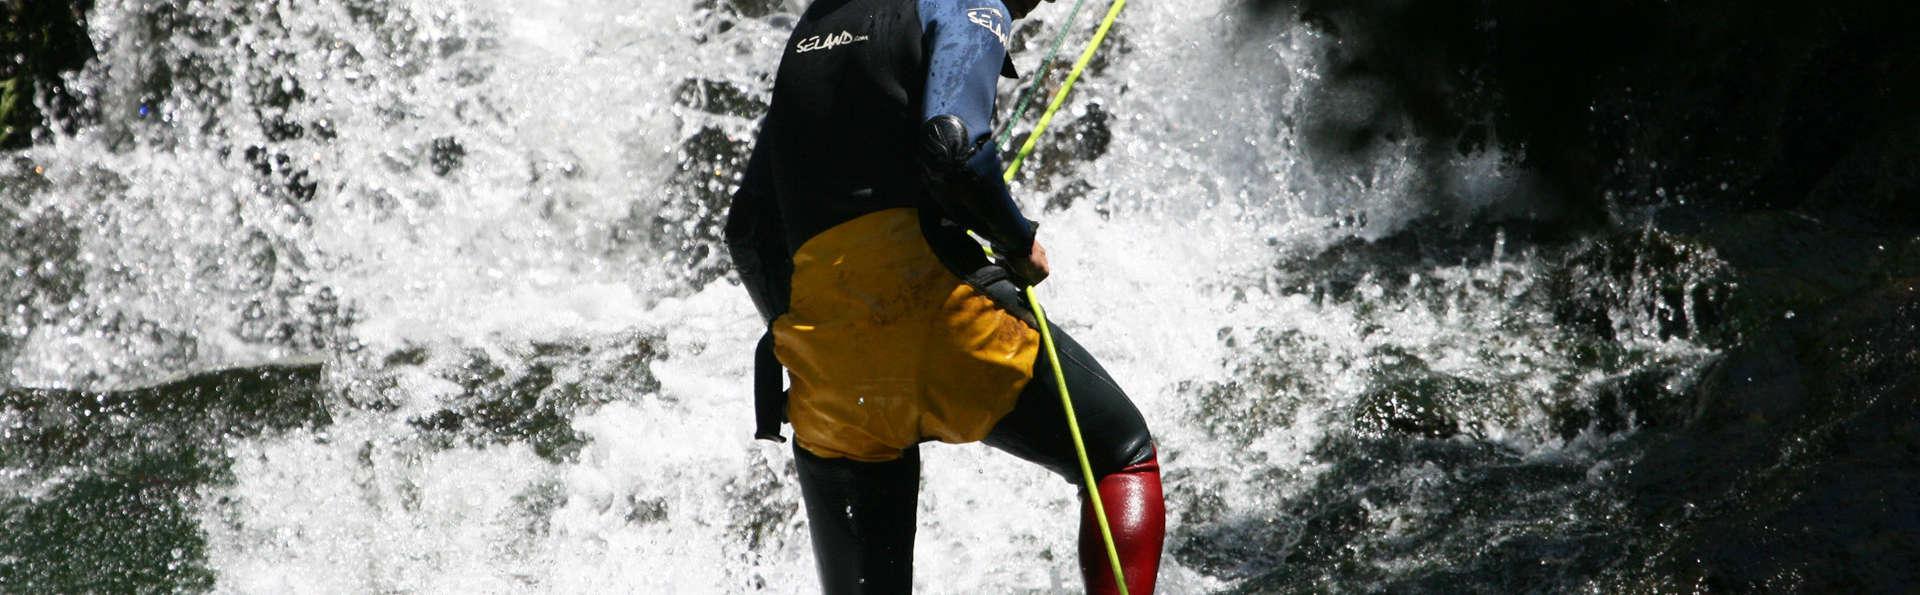 Especial Aventura: Escapada con Barranquismo en Santillana del Mar